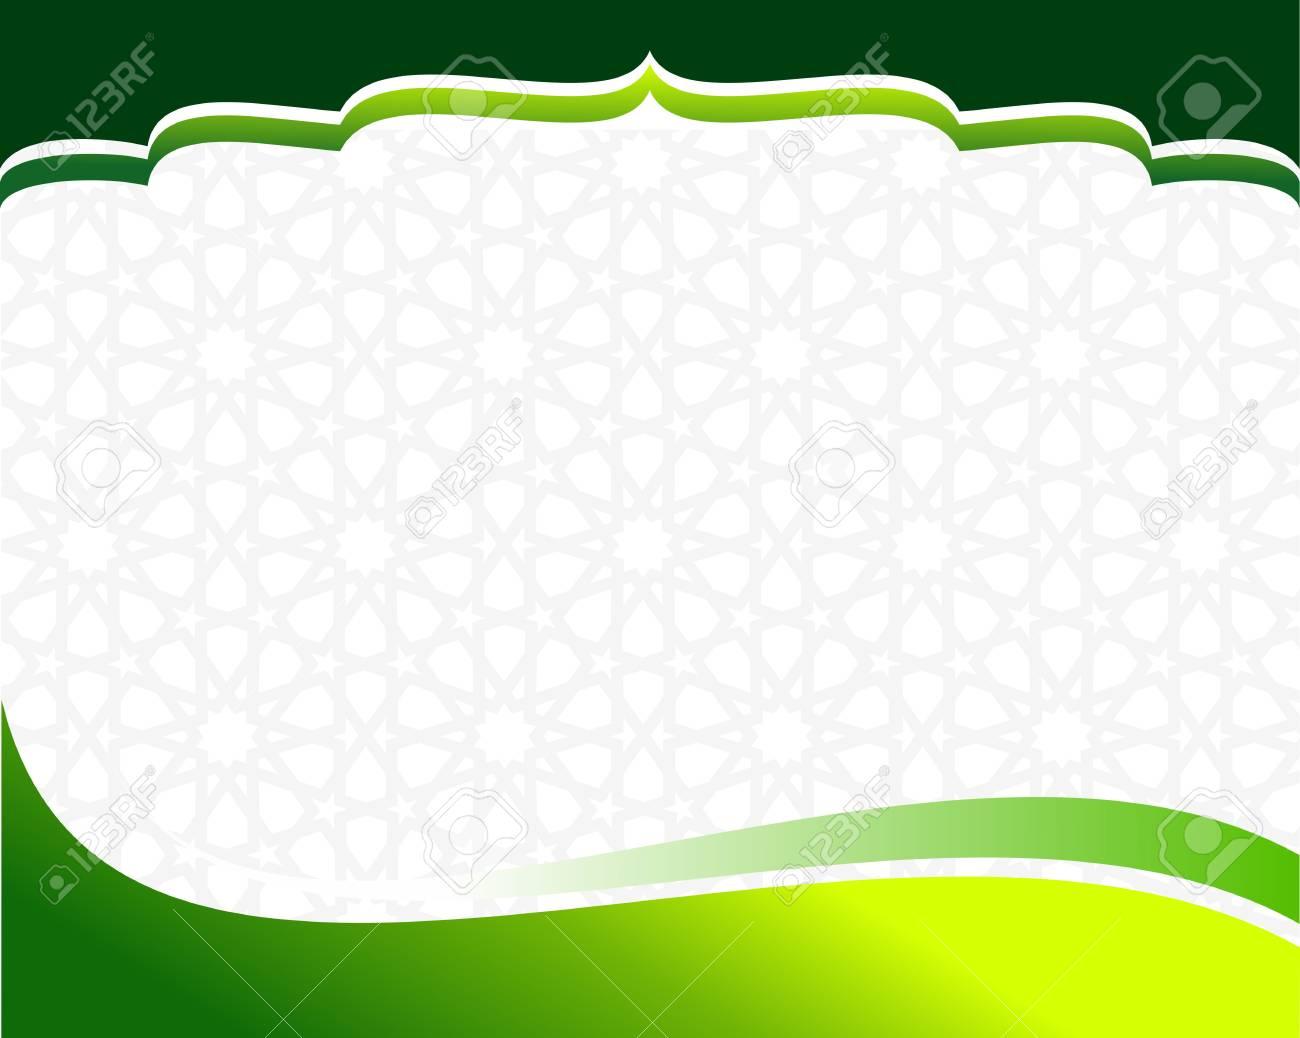 islamic green border design template stock vector 98747744